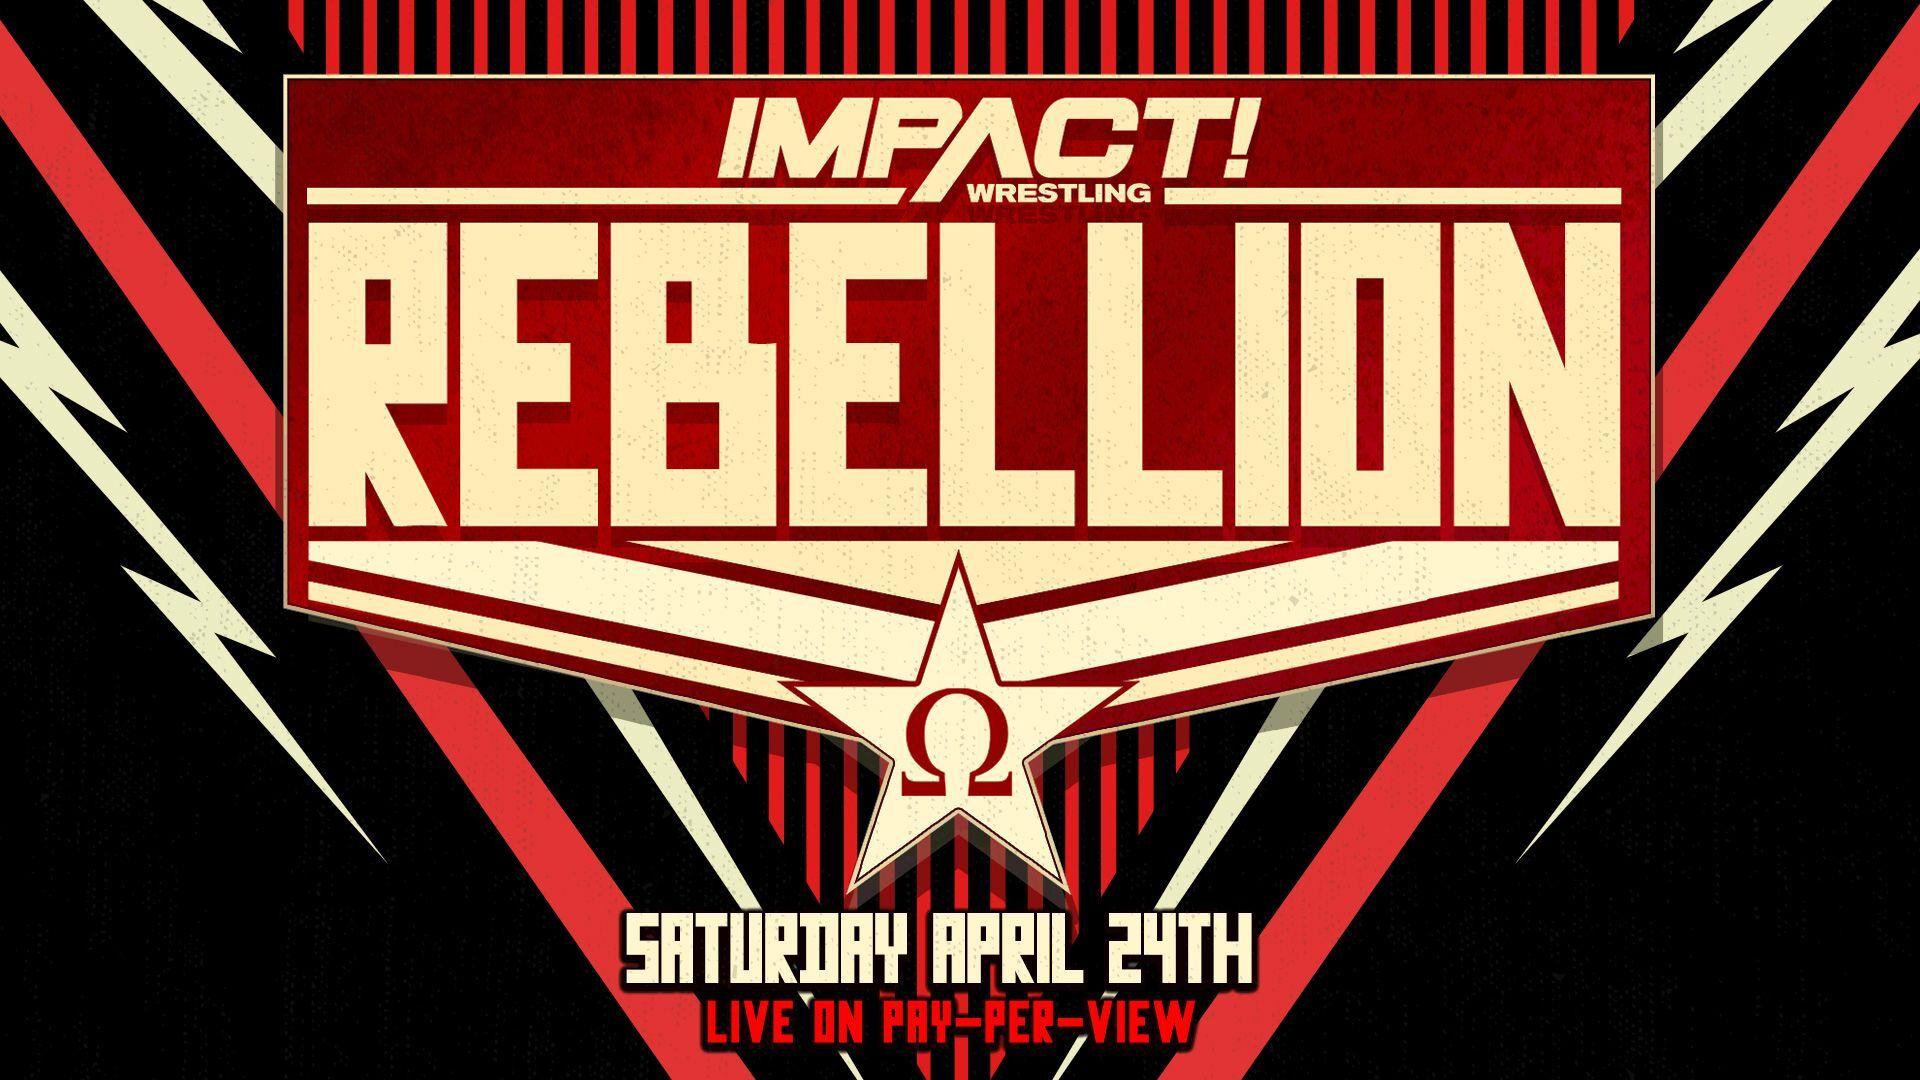 Razão da alteração da data do IMPACT Wrestling Rebellion 2021